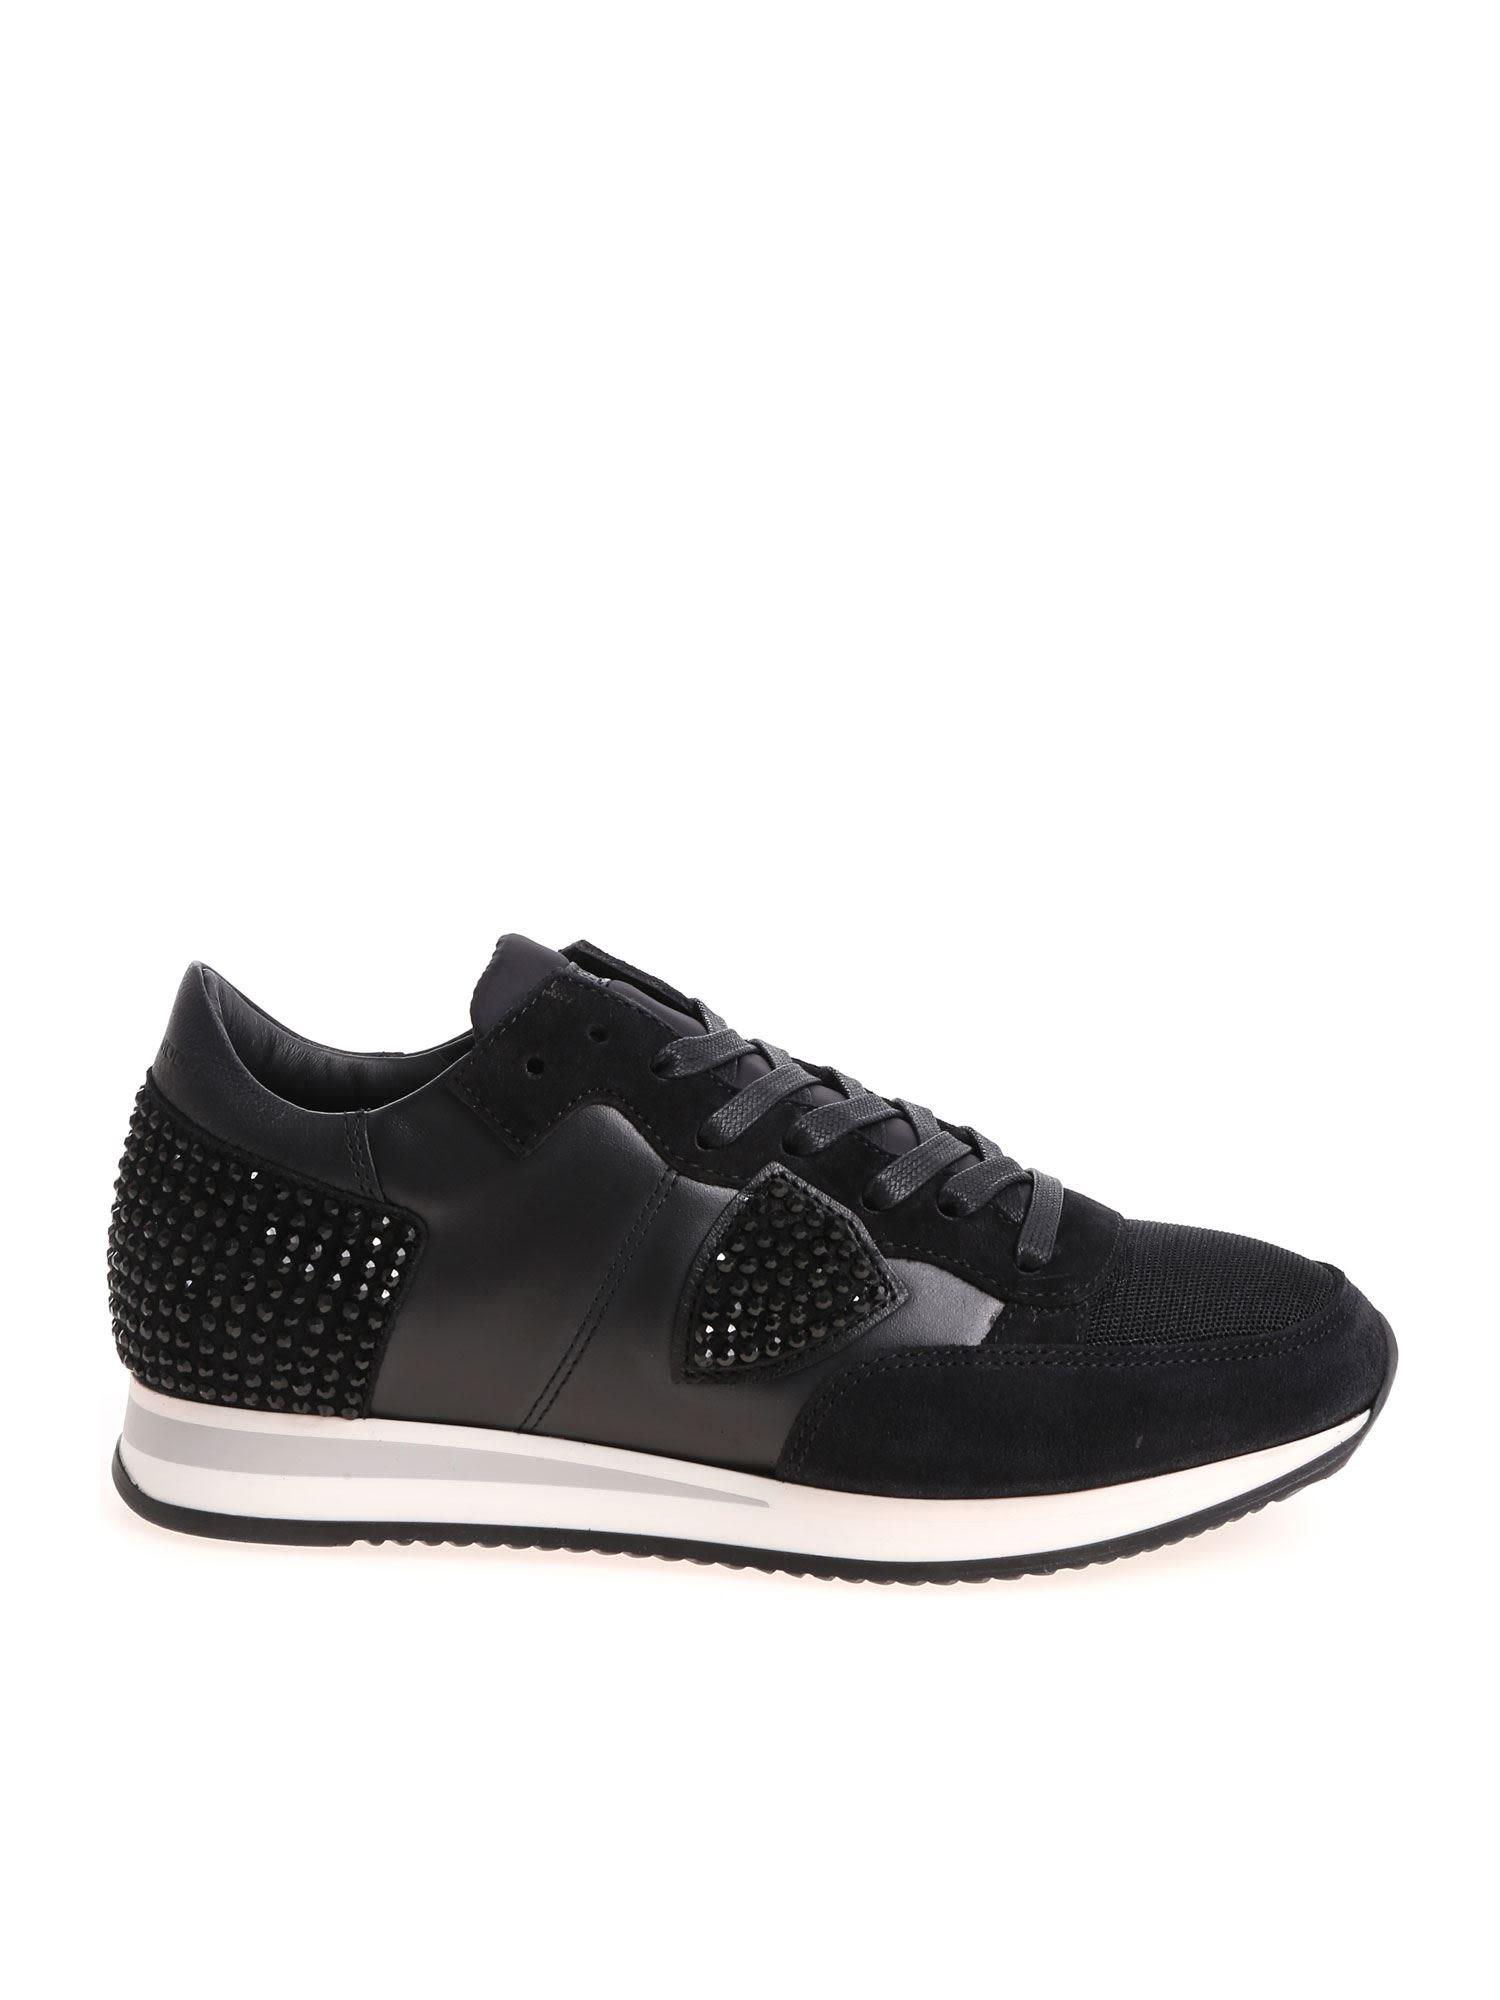 Philippe Model Studded Runner Sneakers